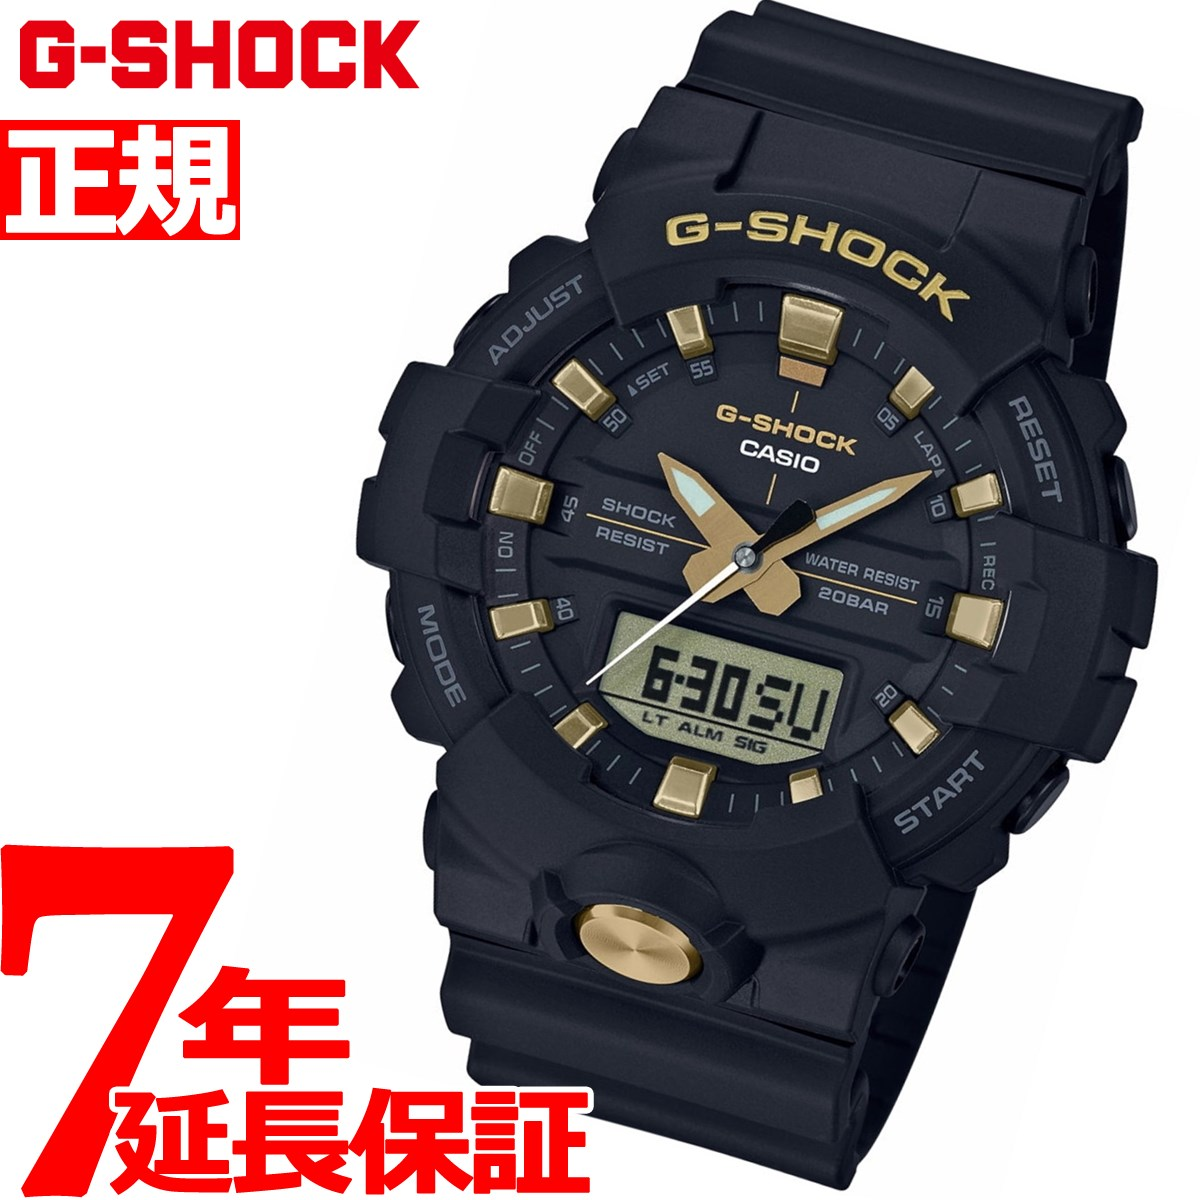 G-SHOCK アナデジ メンズ 腕時計 BLACK & GOLD CASIO GA-810B-1A9JF【2018 新作】